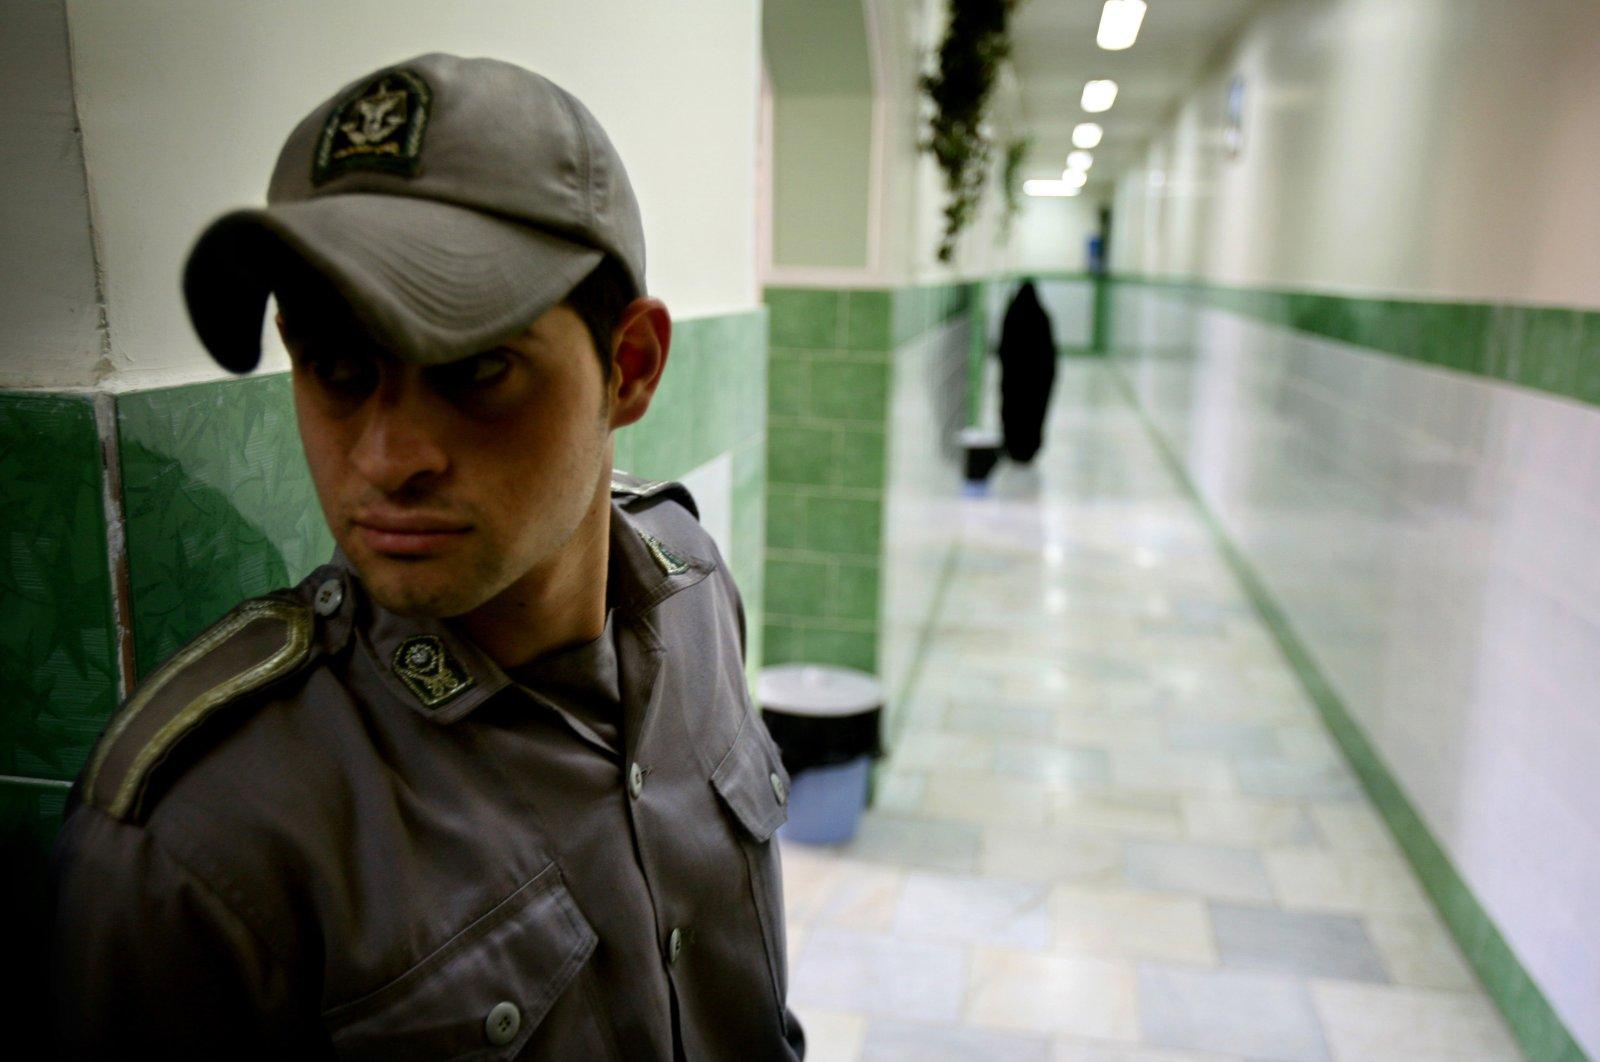 A prison guard stands along a corridor in Tehran's Evin prison, Iran, June 13, 2006. (Reuters Photo)